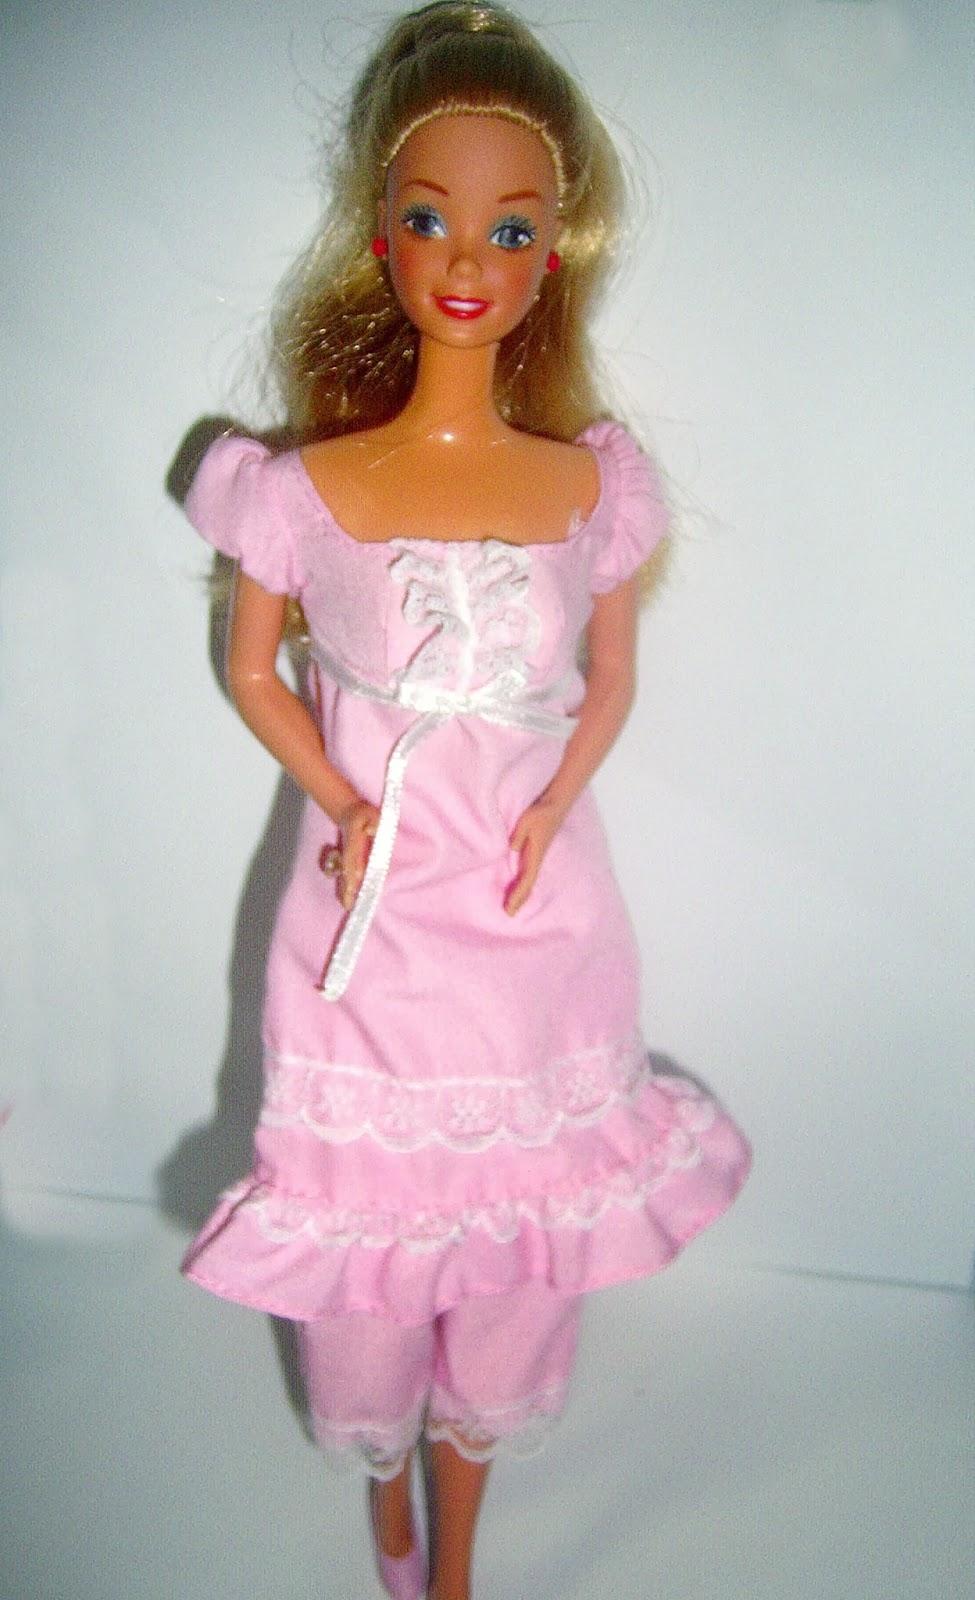 la caja de sorpresas 2: Vestido de novia , y camisón de barbie